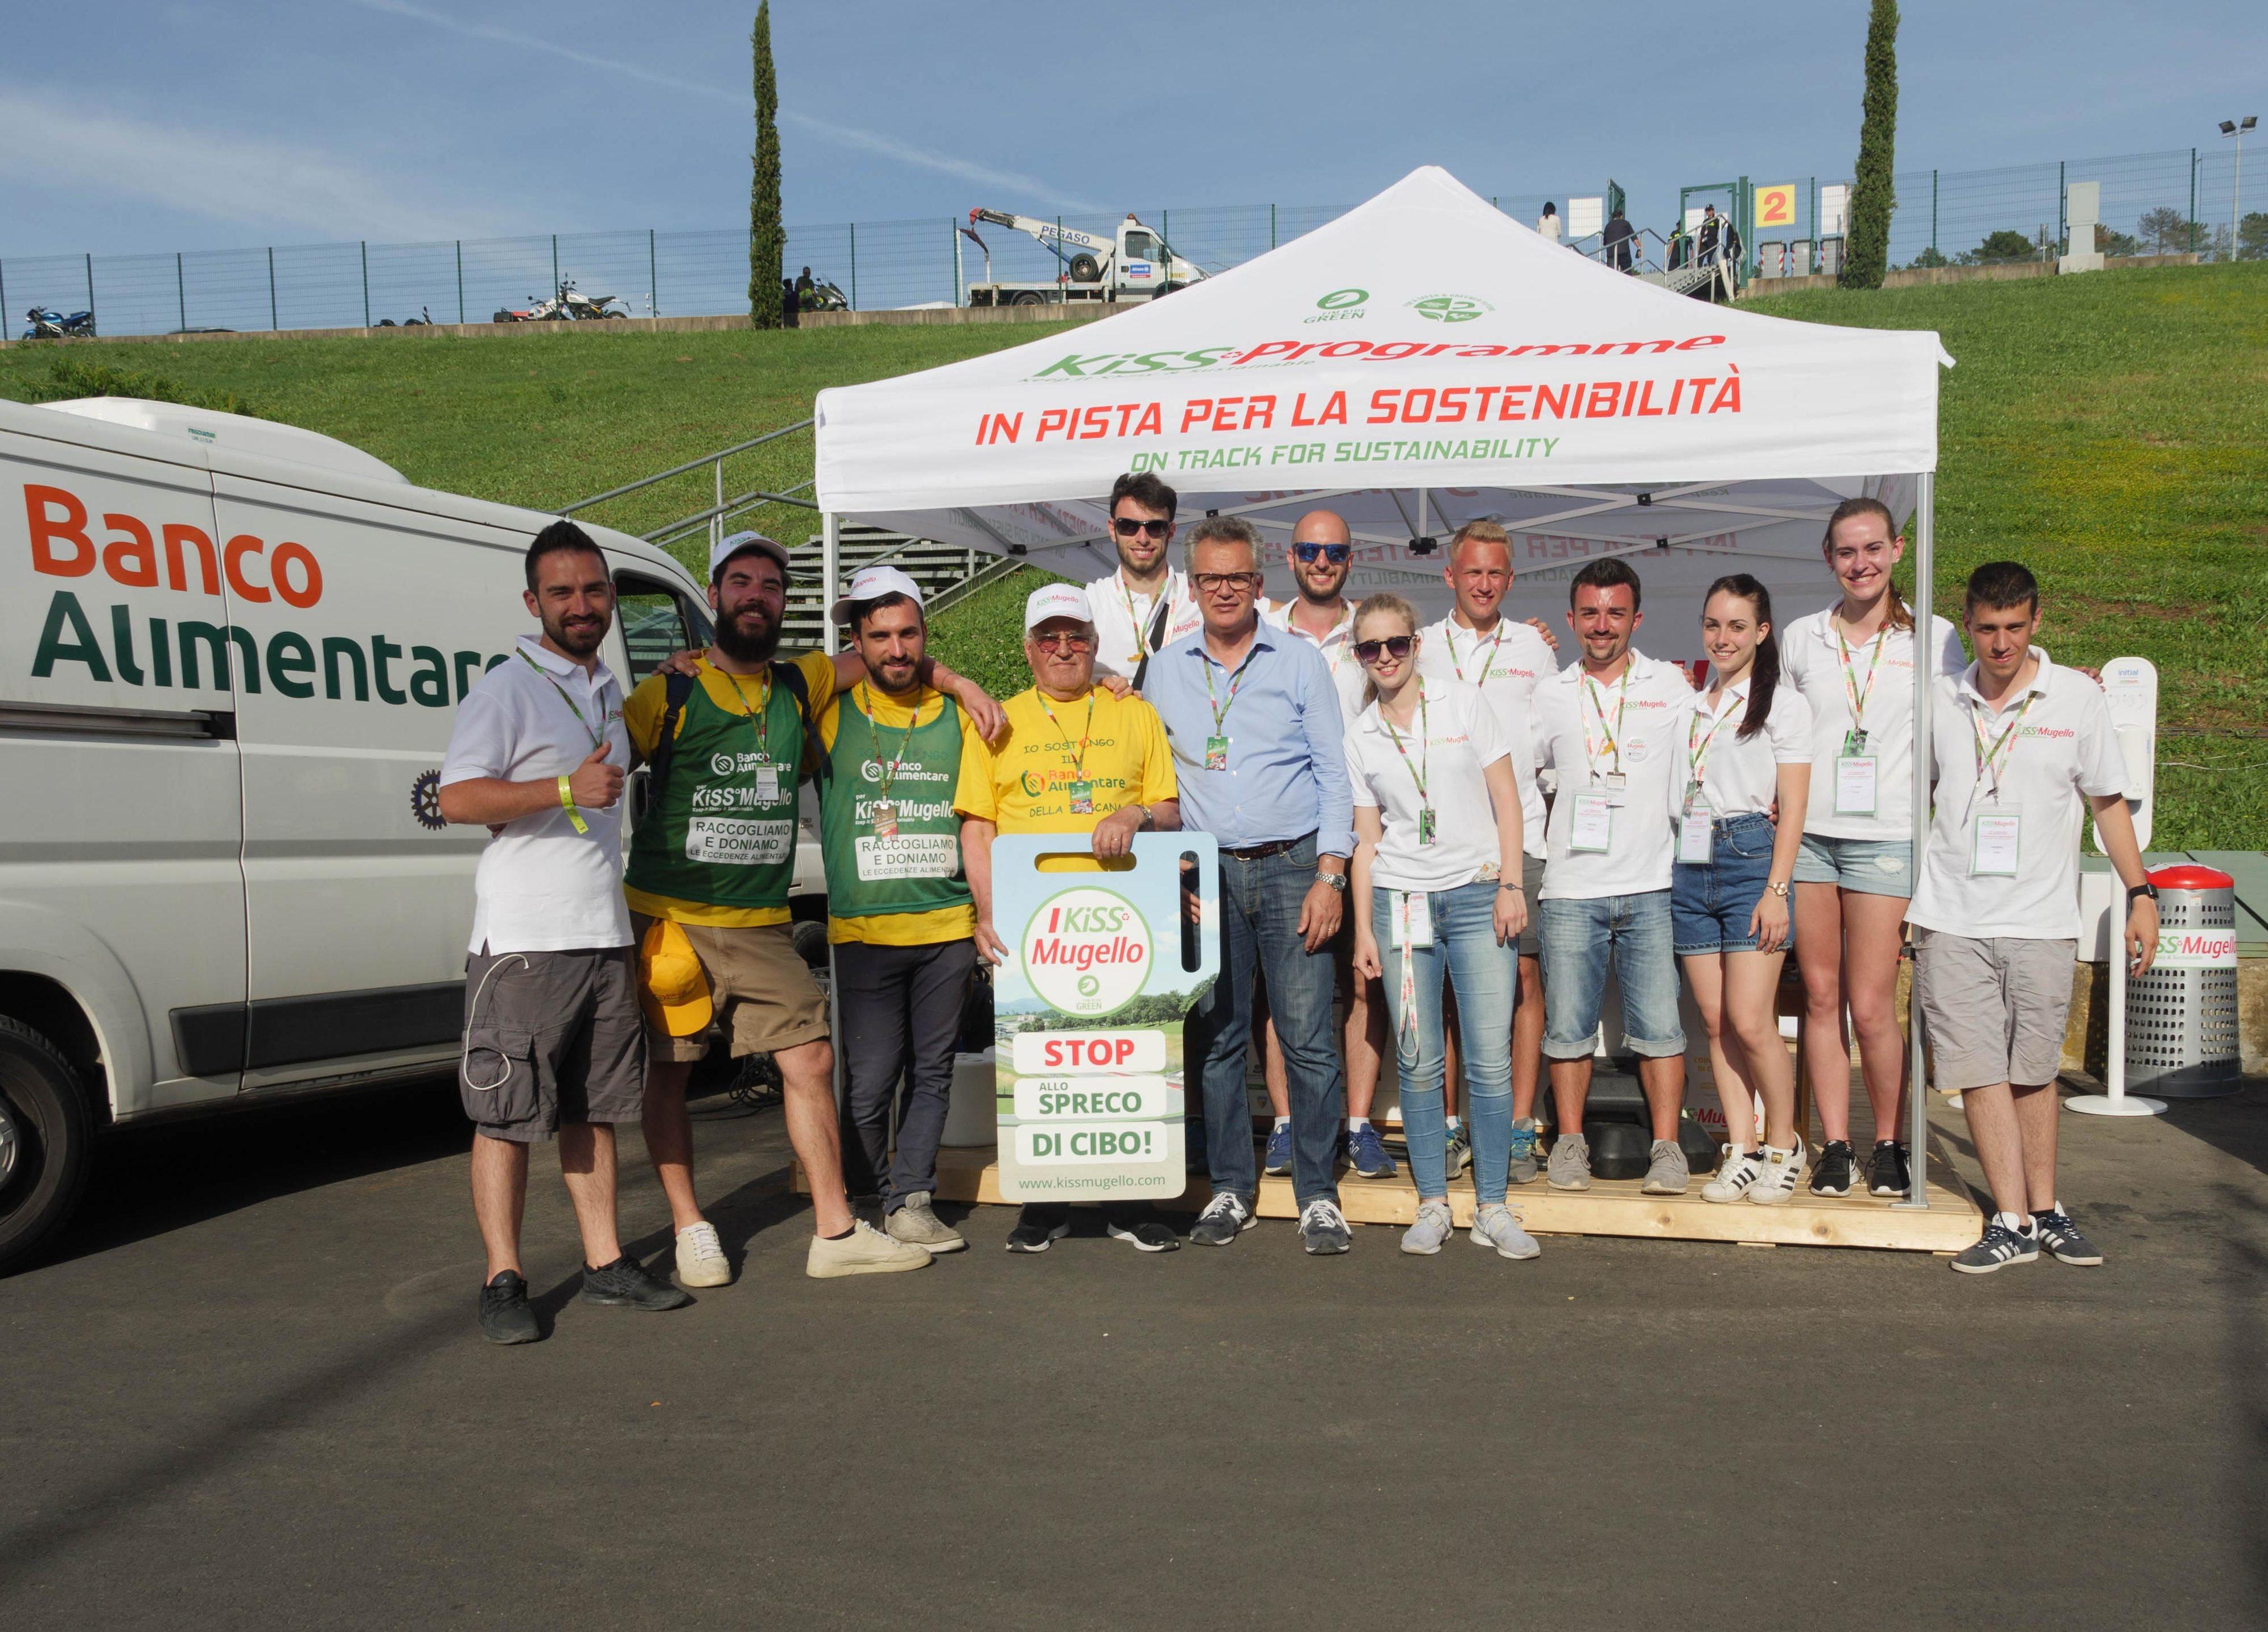 Banco Alimentare _ KiSS Mugello Crew